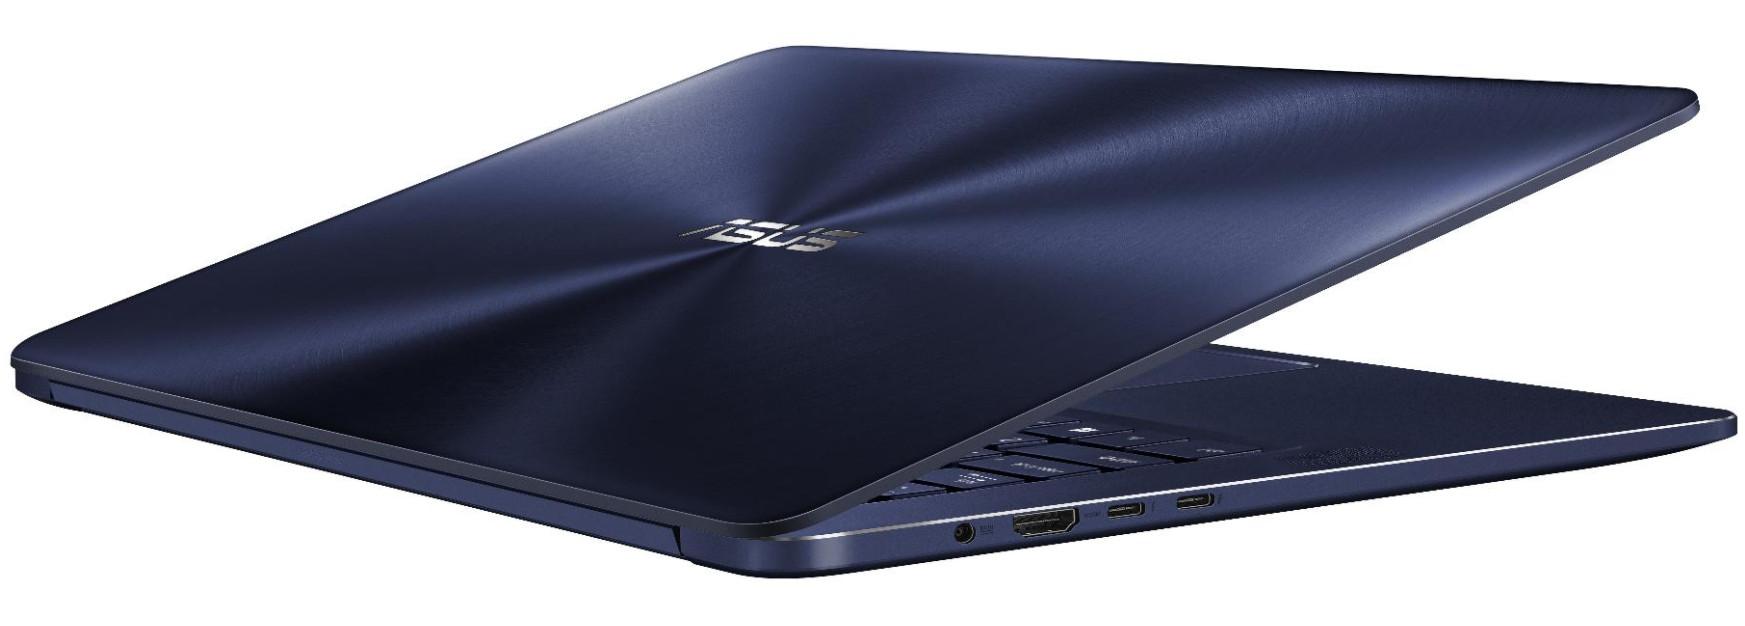 ASUS comercializa en España el ZenBook Pro 39